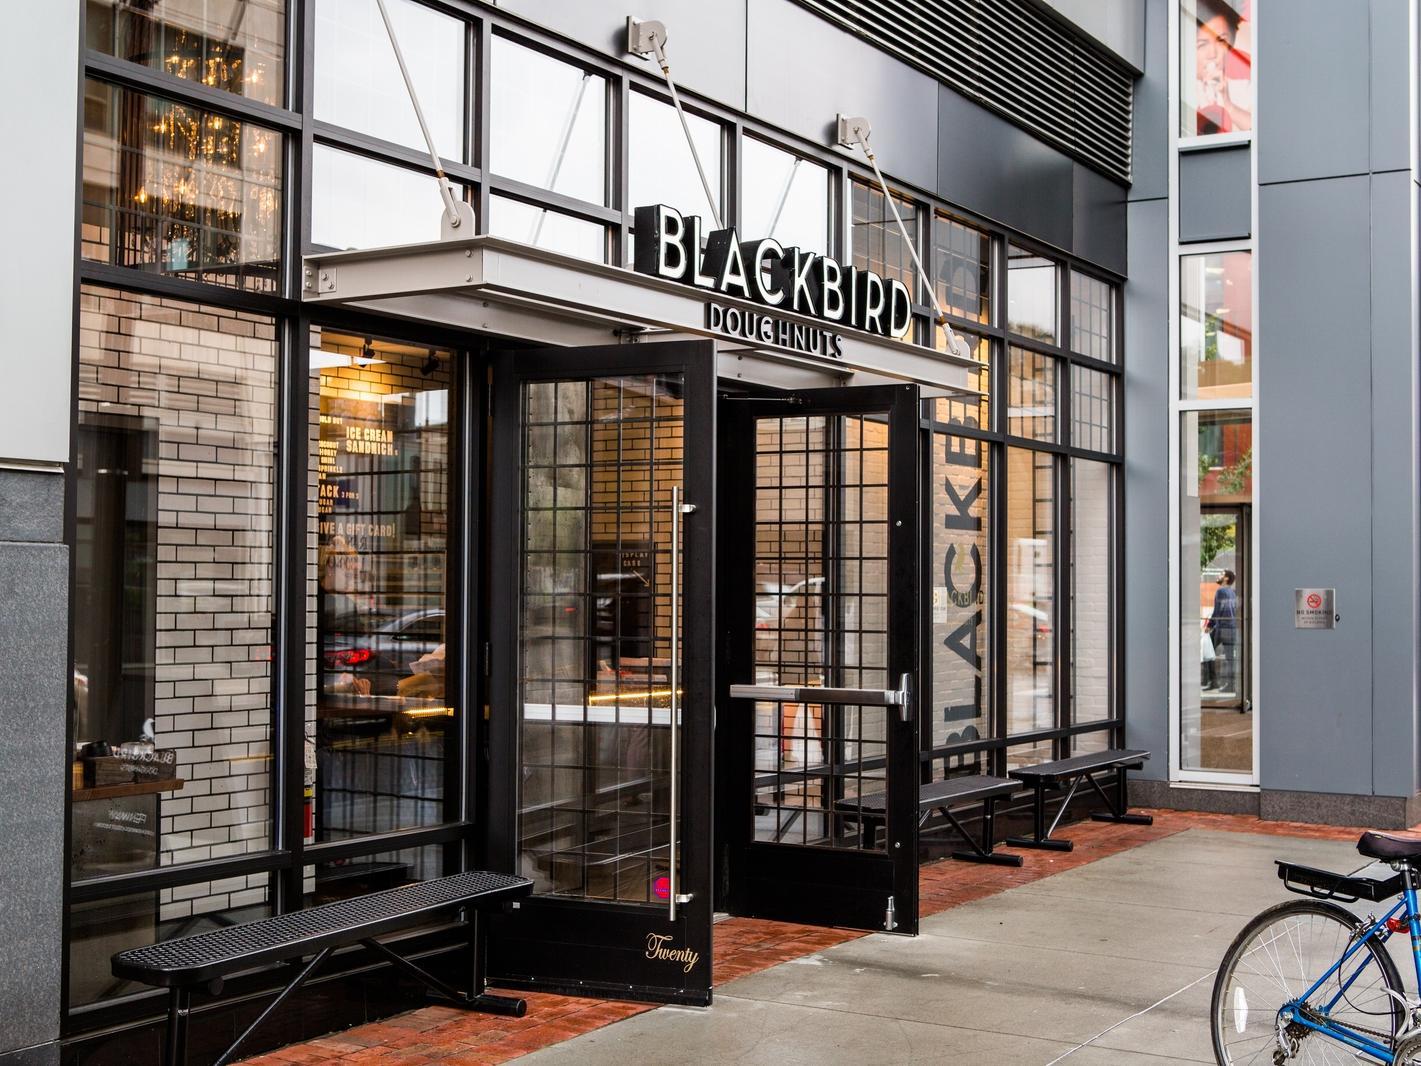 Blackbird Doughnuts Exterior